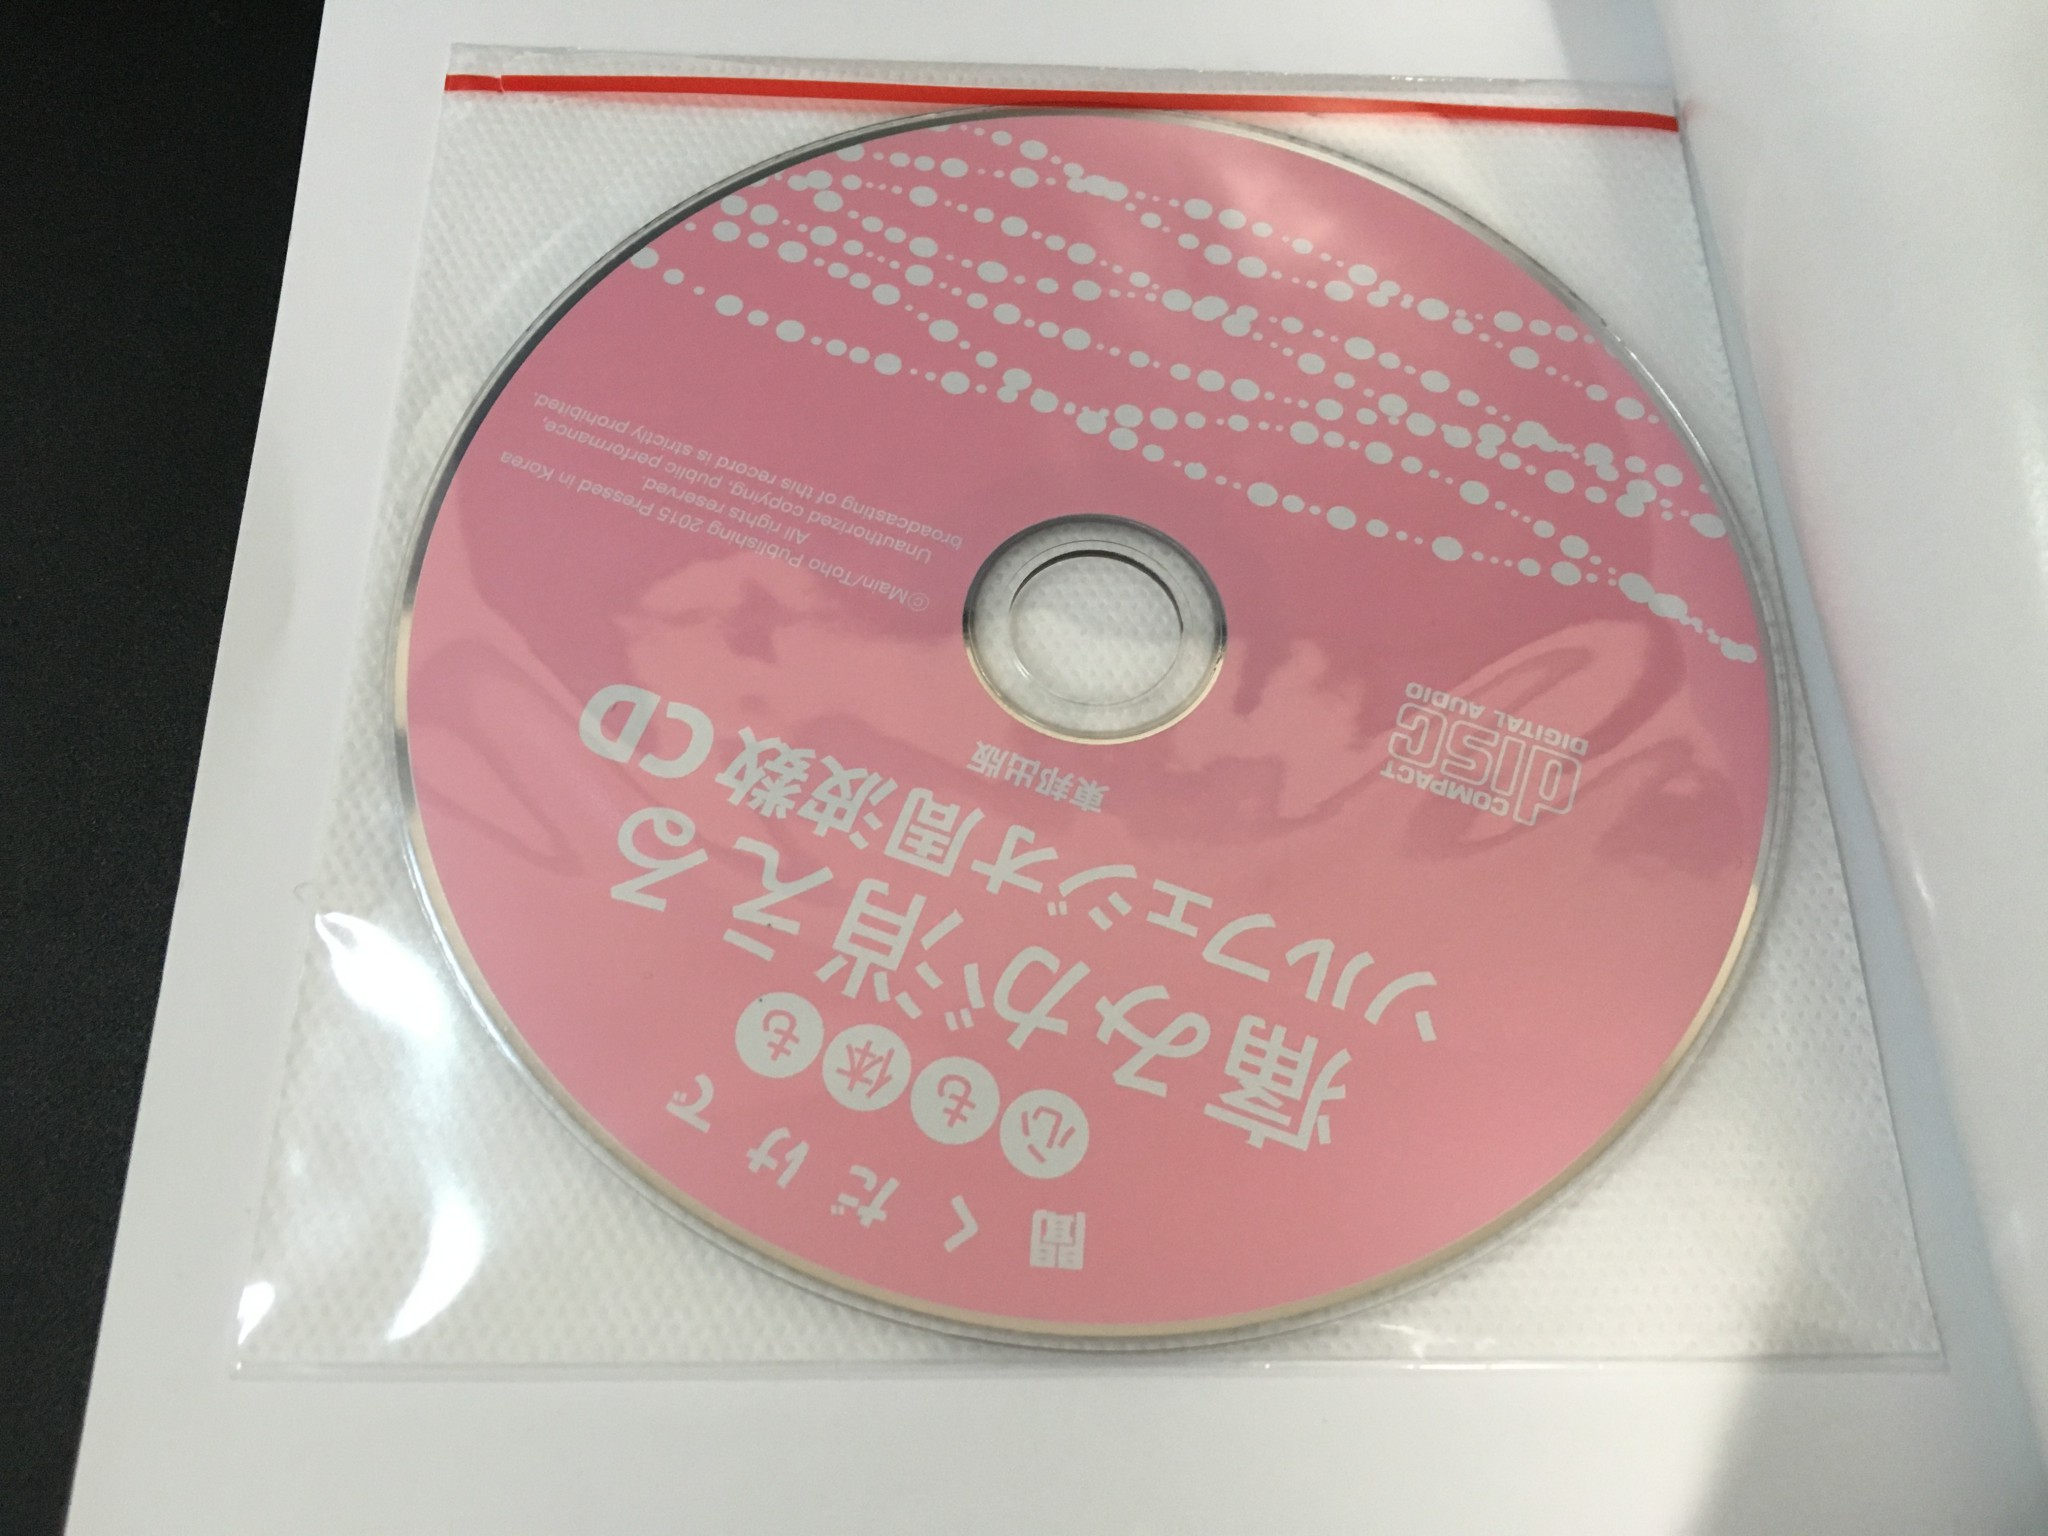 痛みが消えるソルフェジオ周波数のCDブックのCD